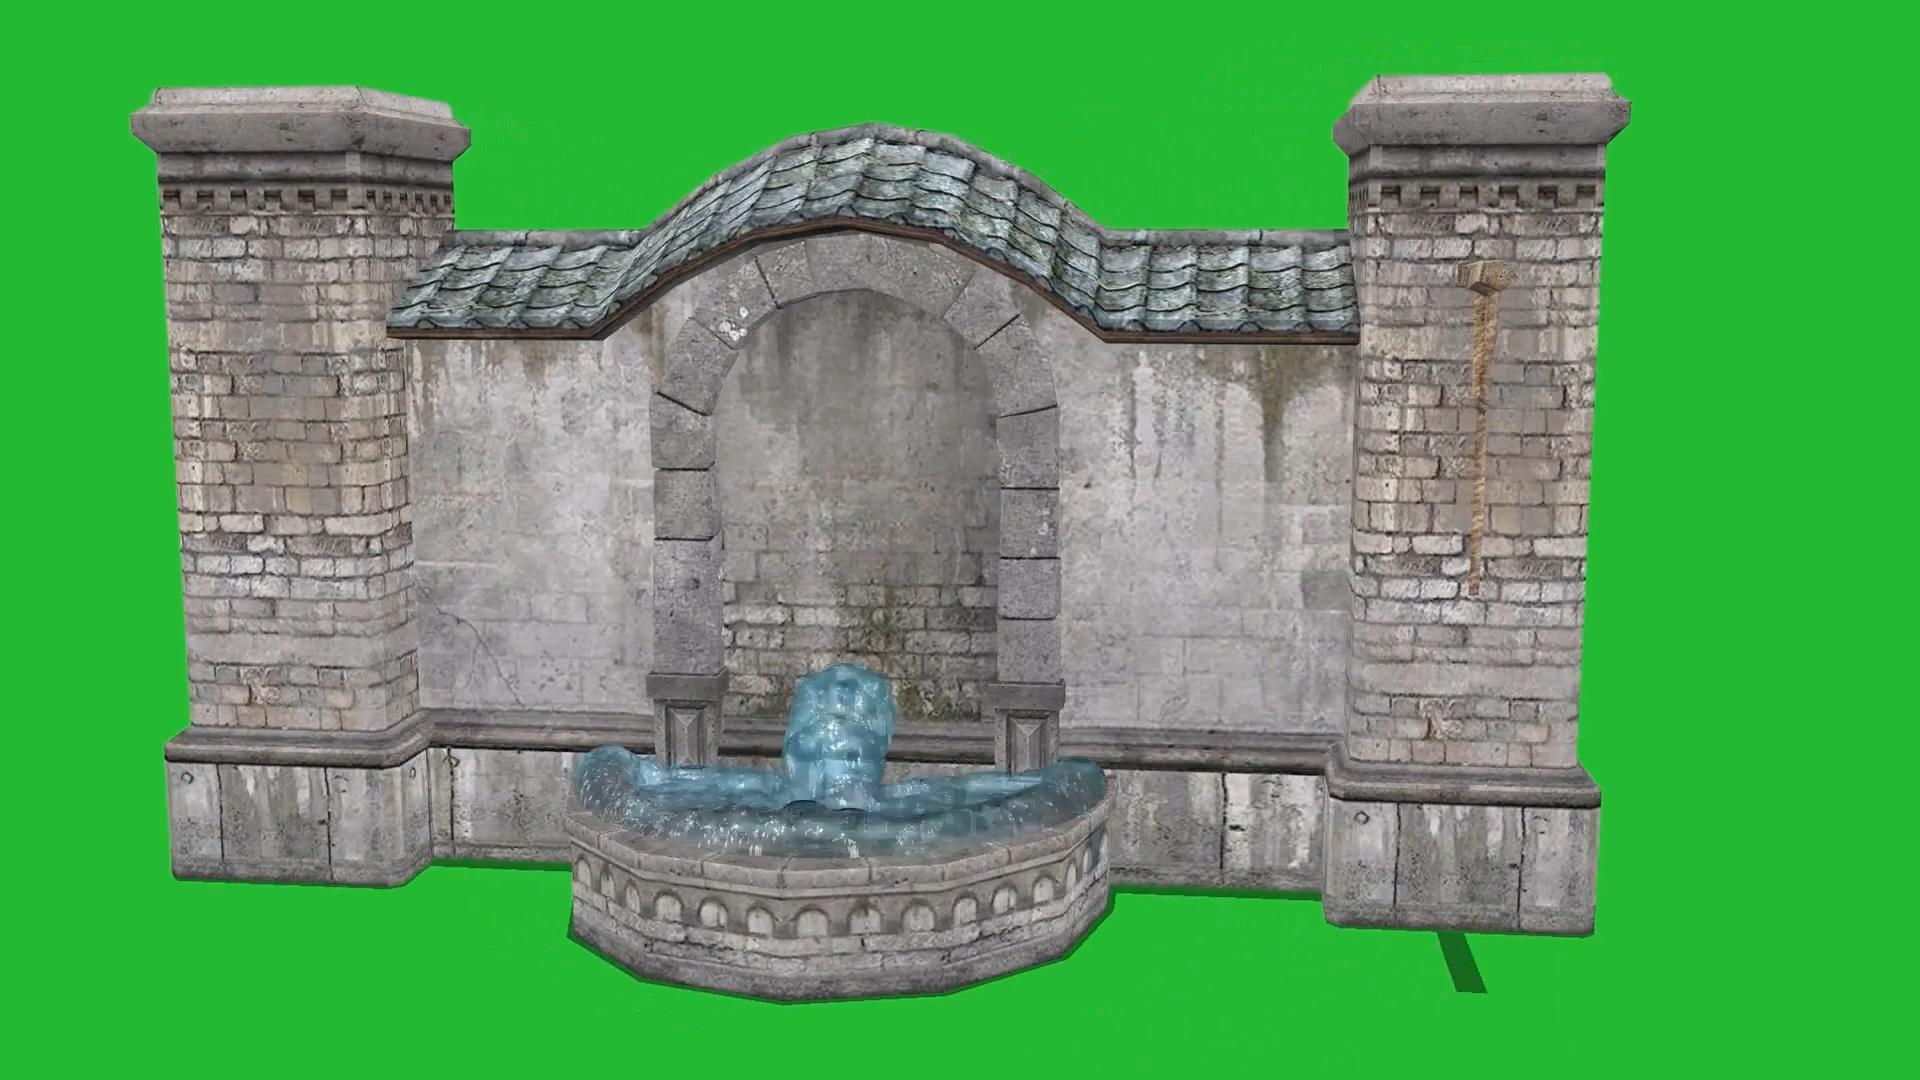 绿屏抠像流水的许愿池